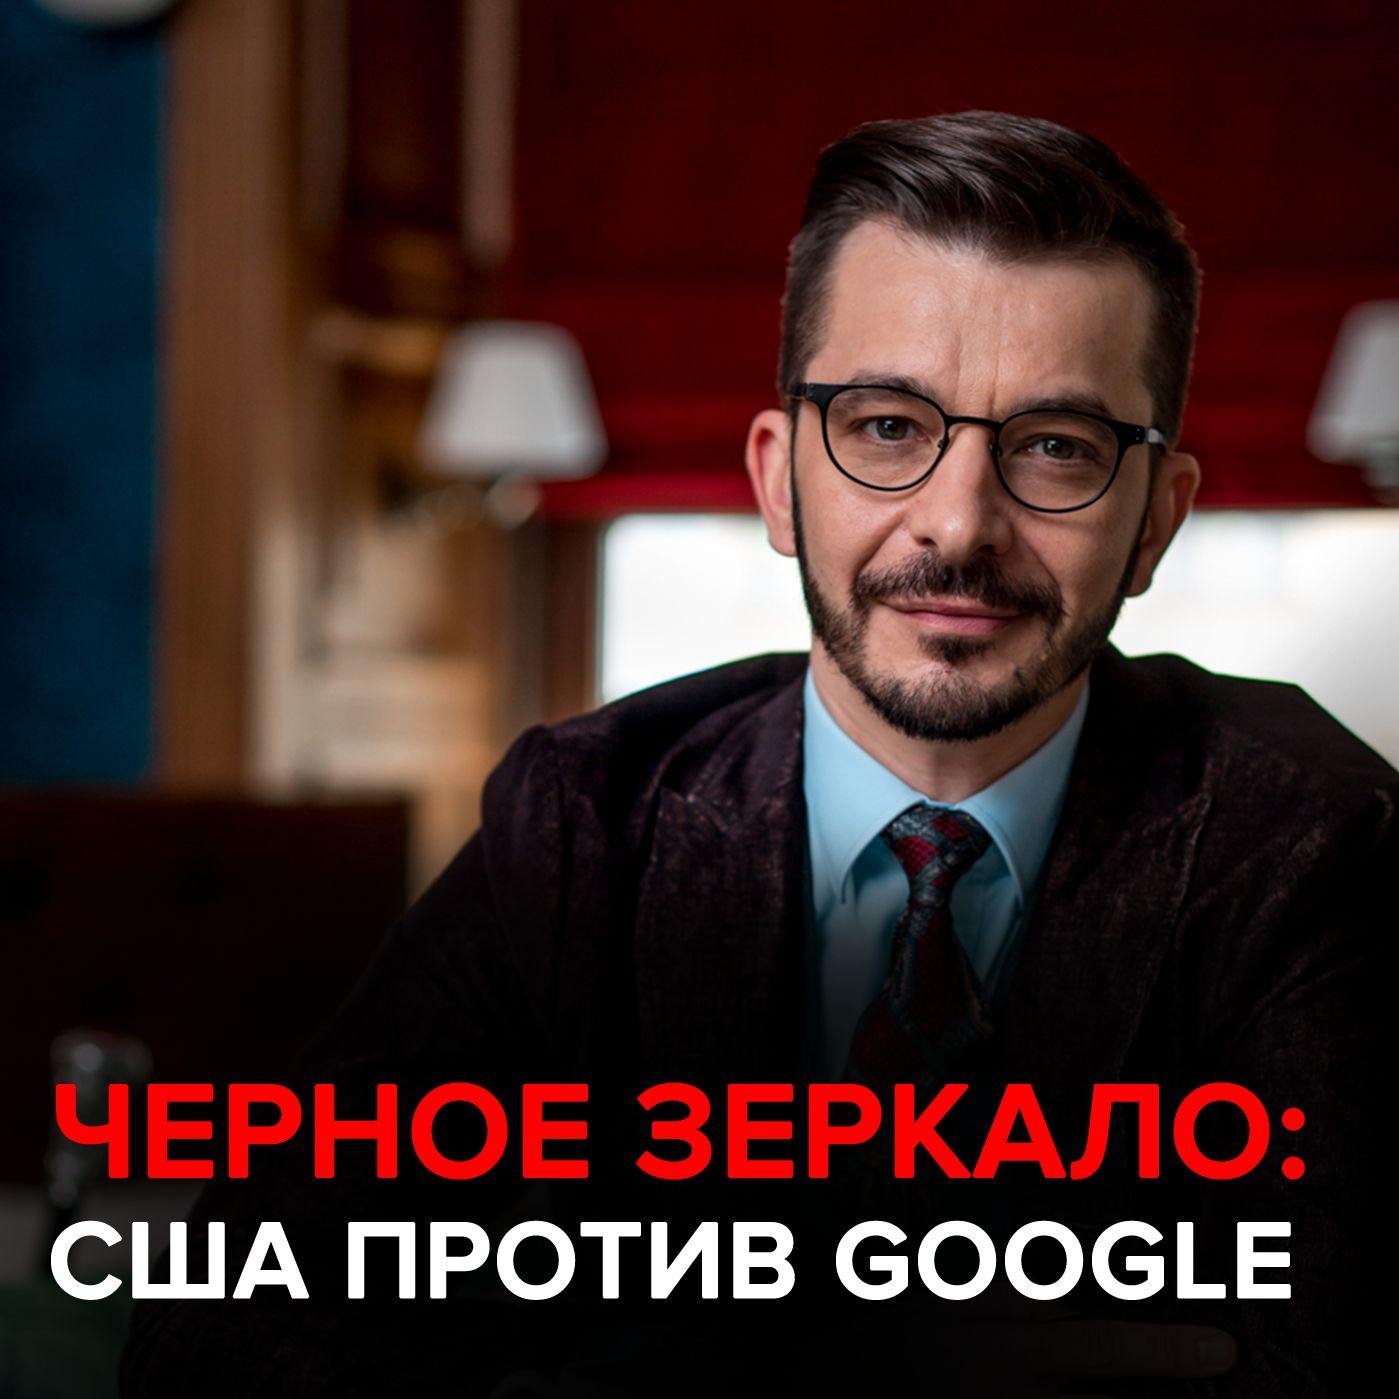 Андрей Курпатов США против Google. Черное зеркало с Андреем Курпатовым